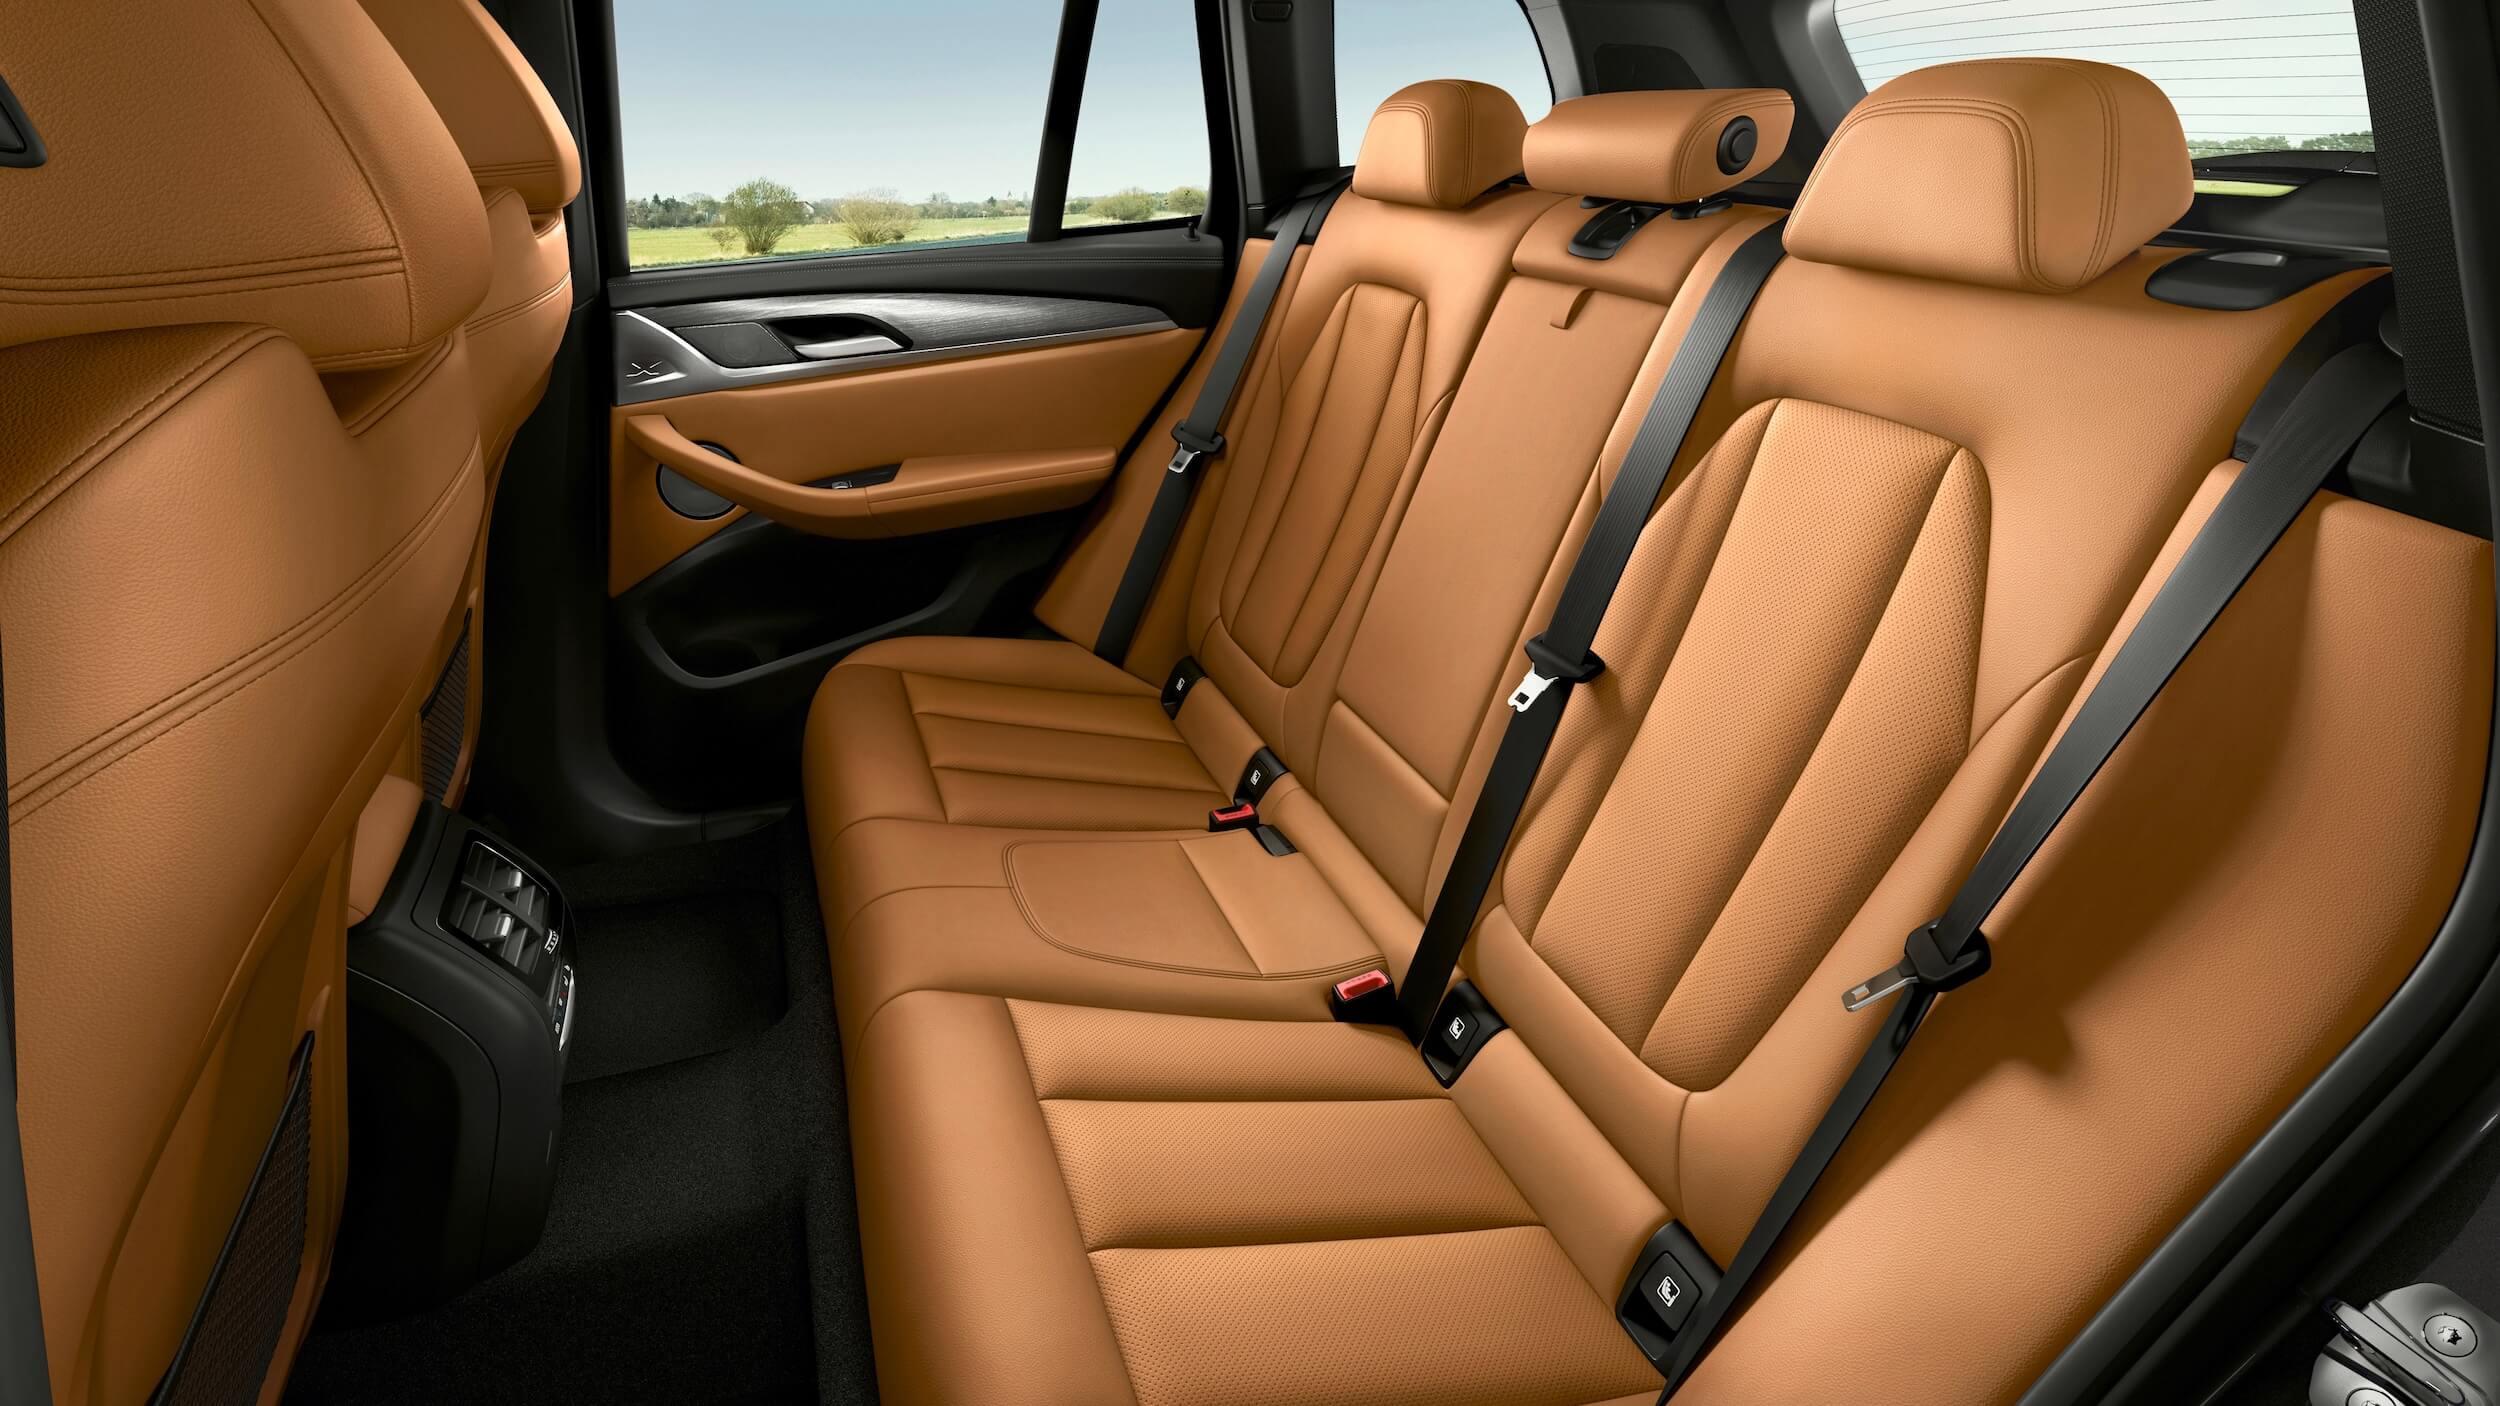 BMW X3 xDrive30e rear seats